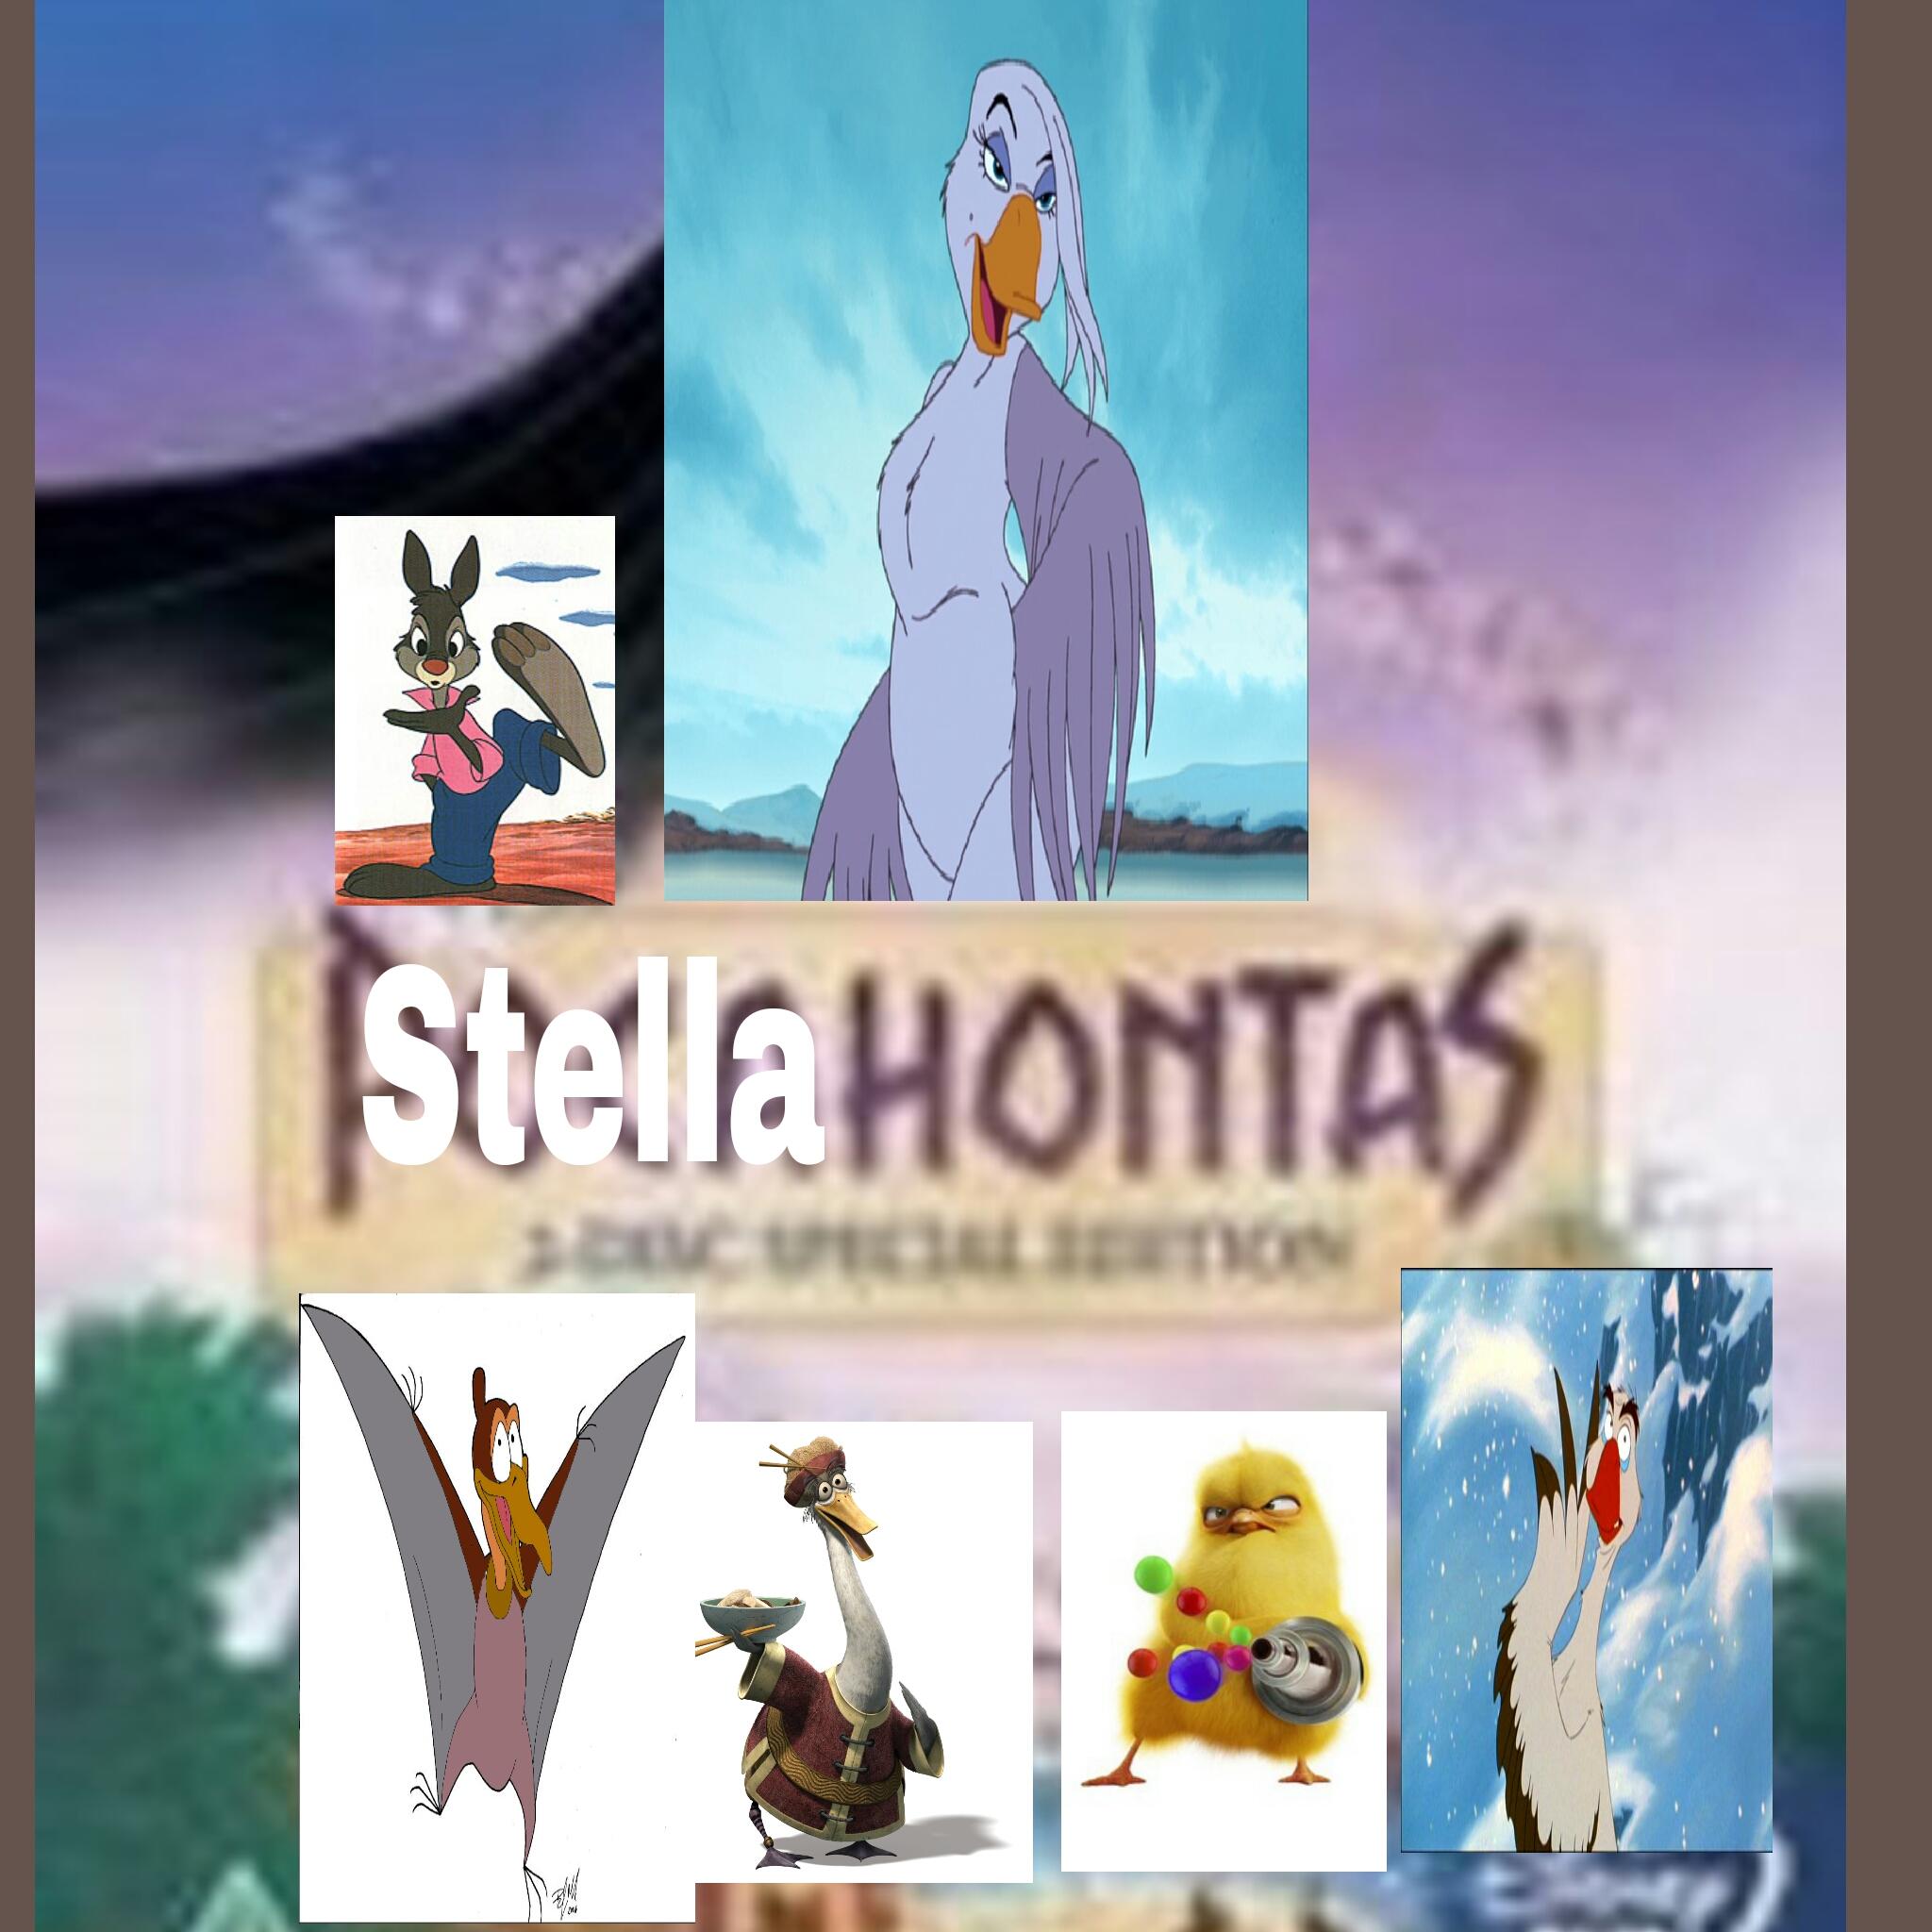 Stellahontas